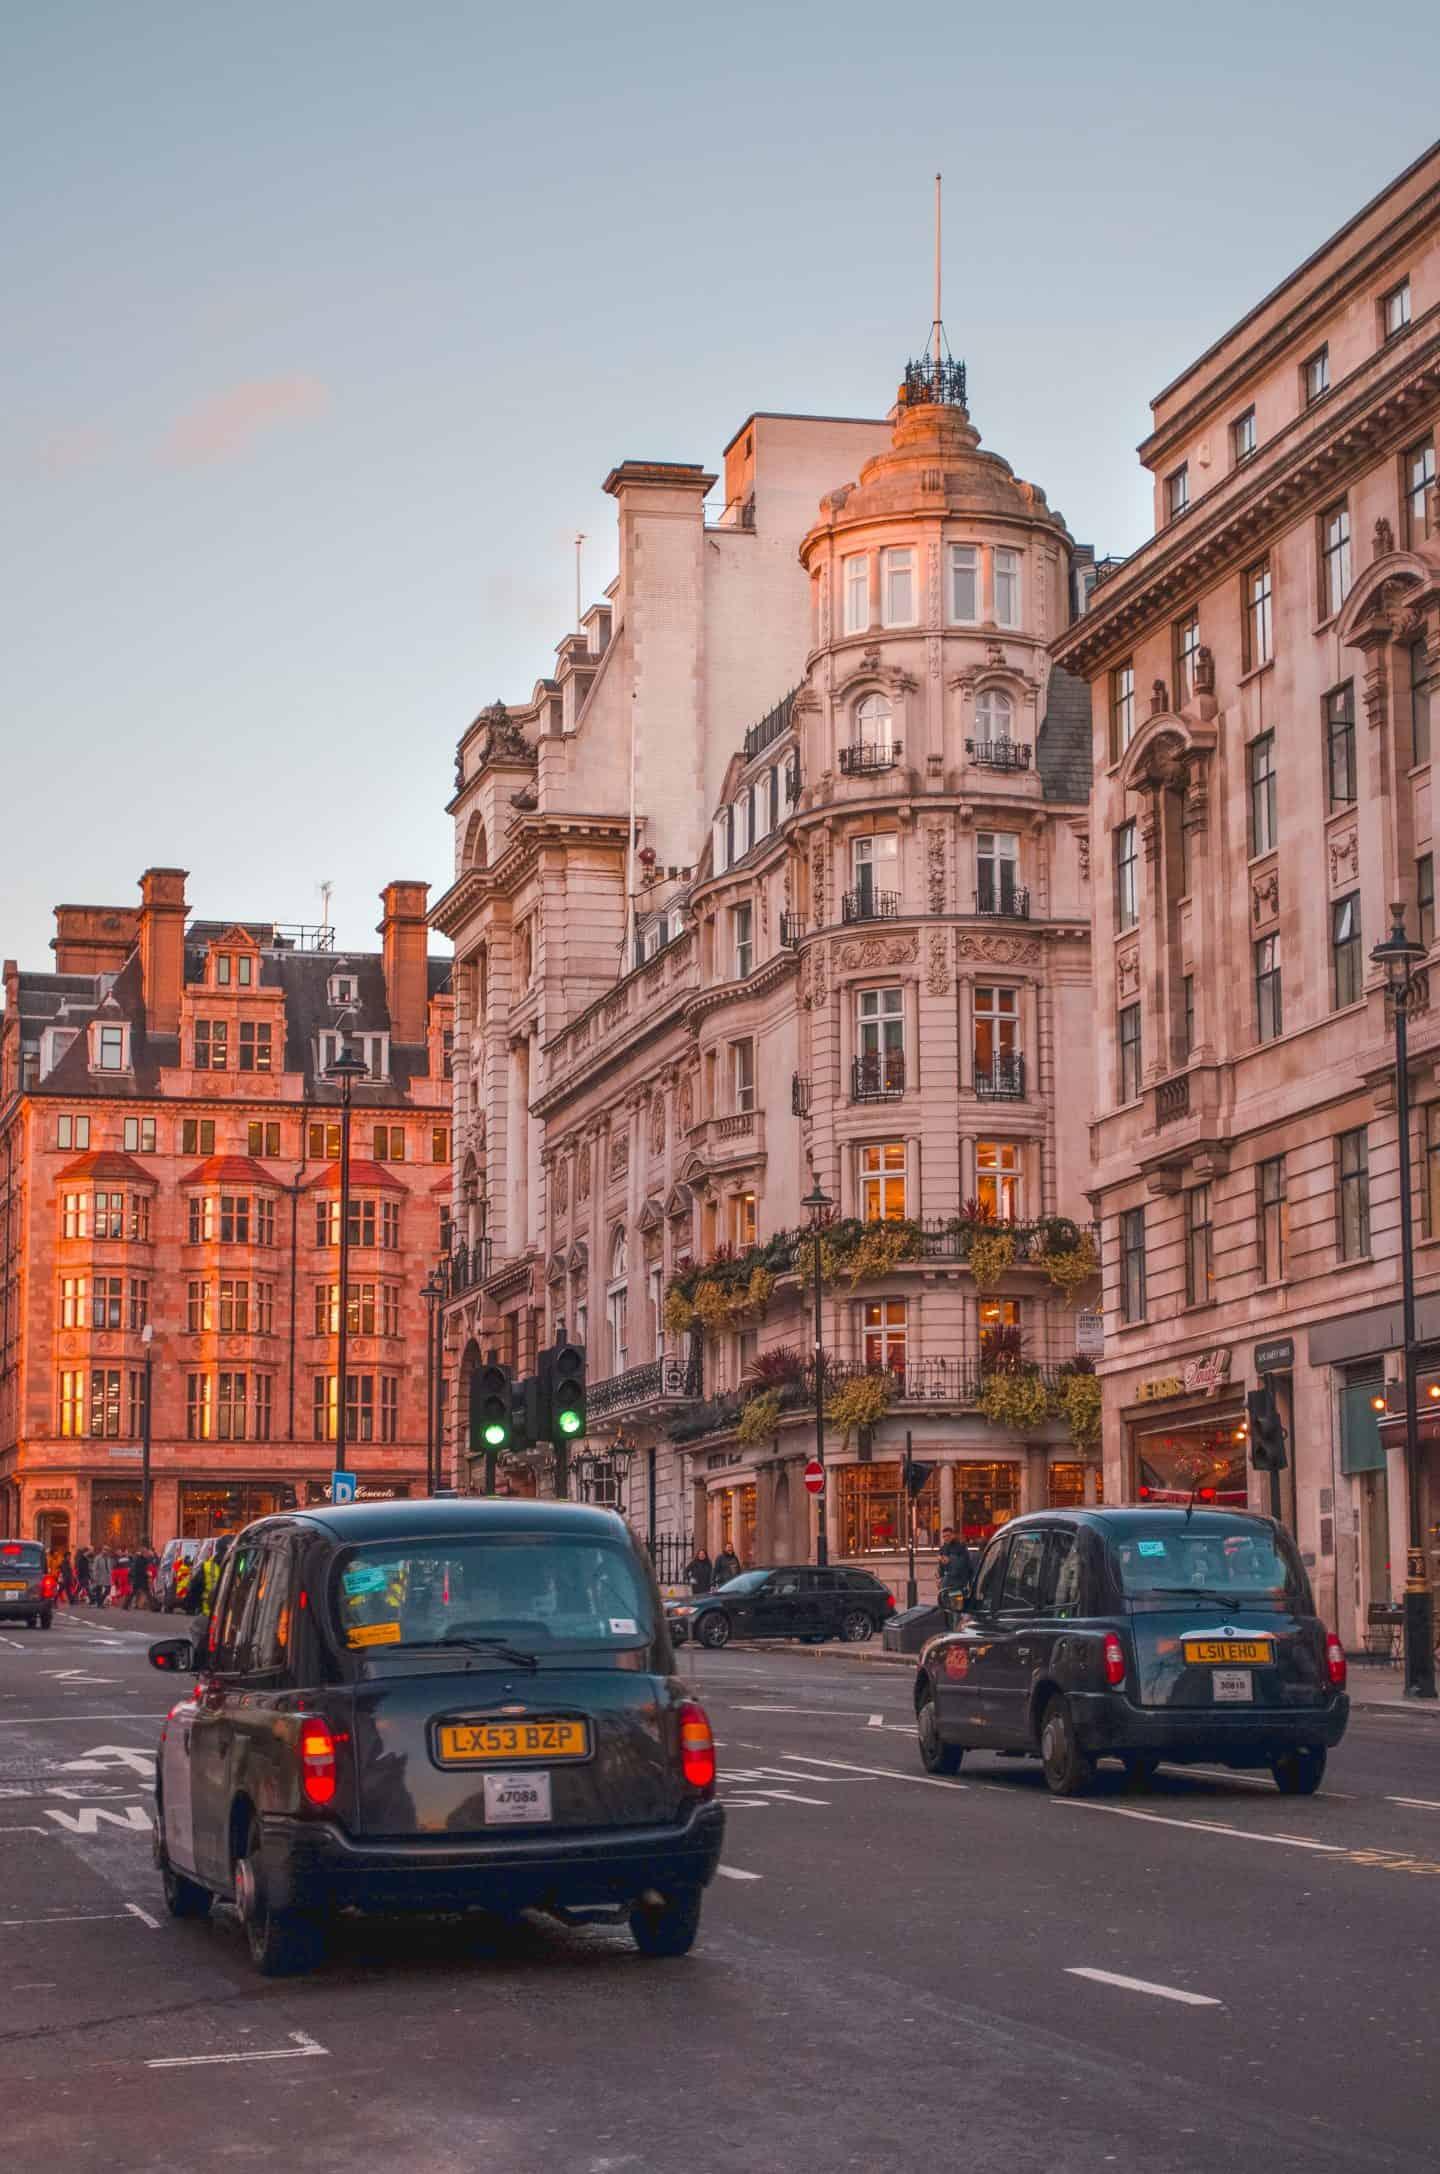 London Tourists Central London